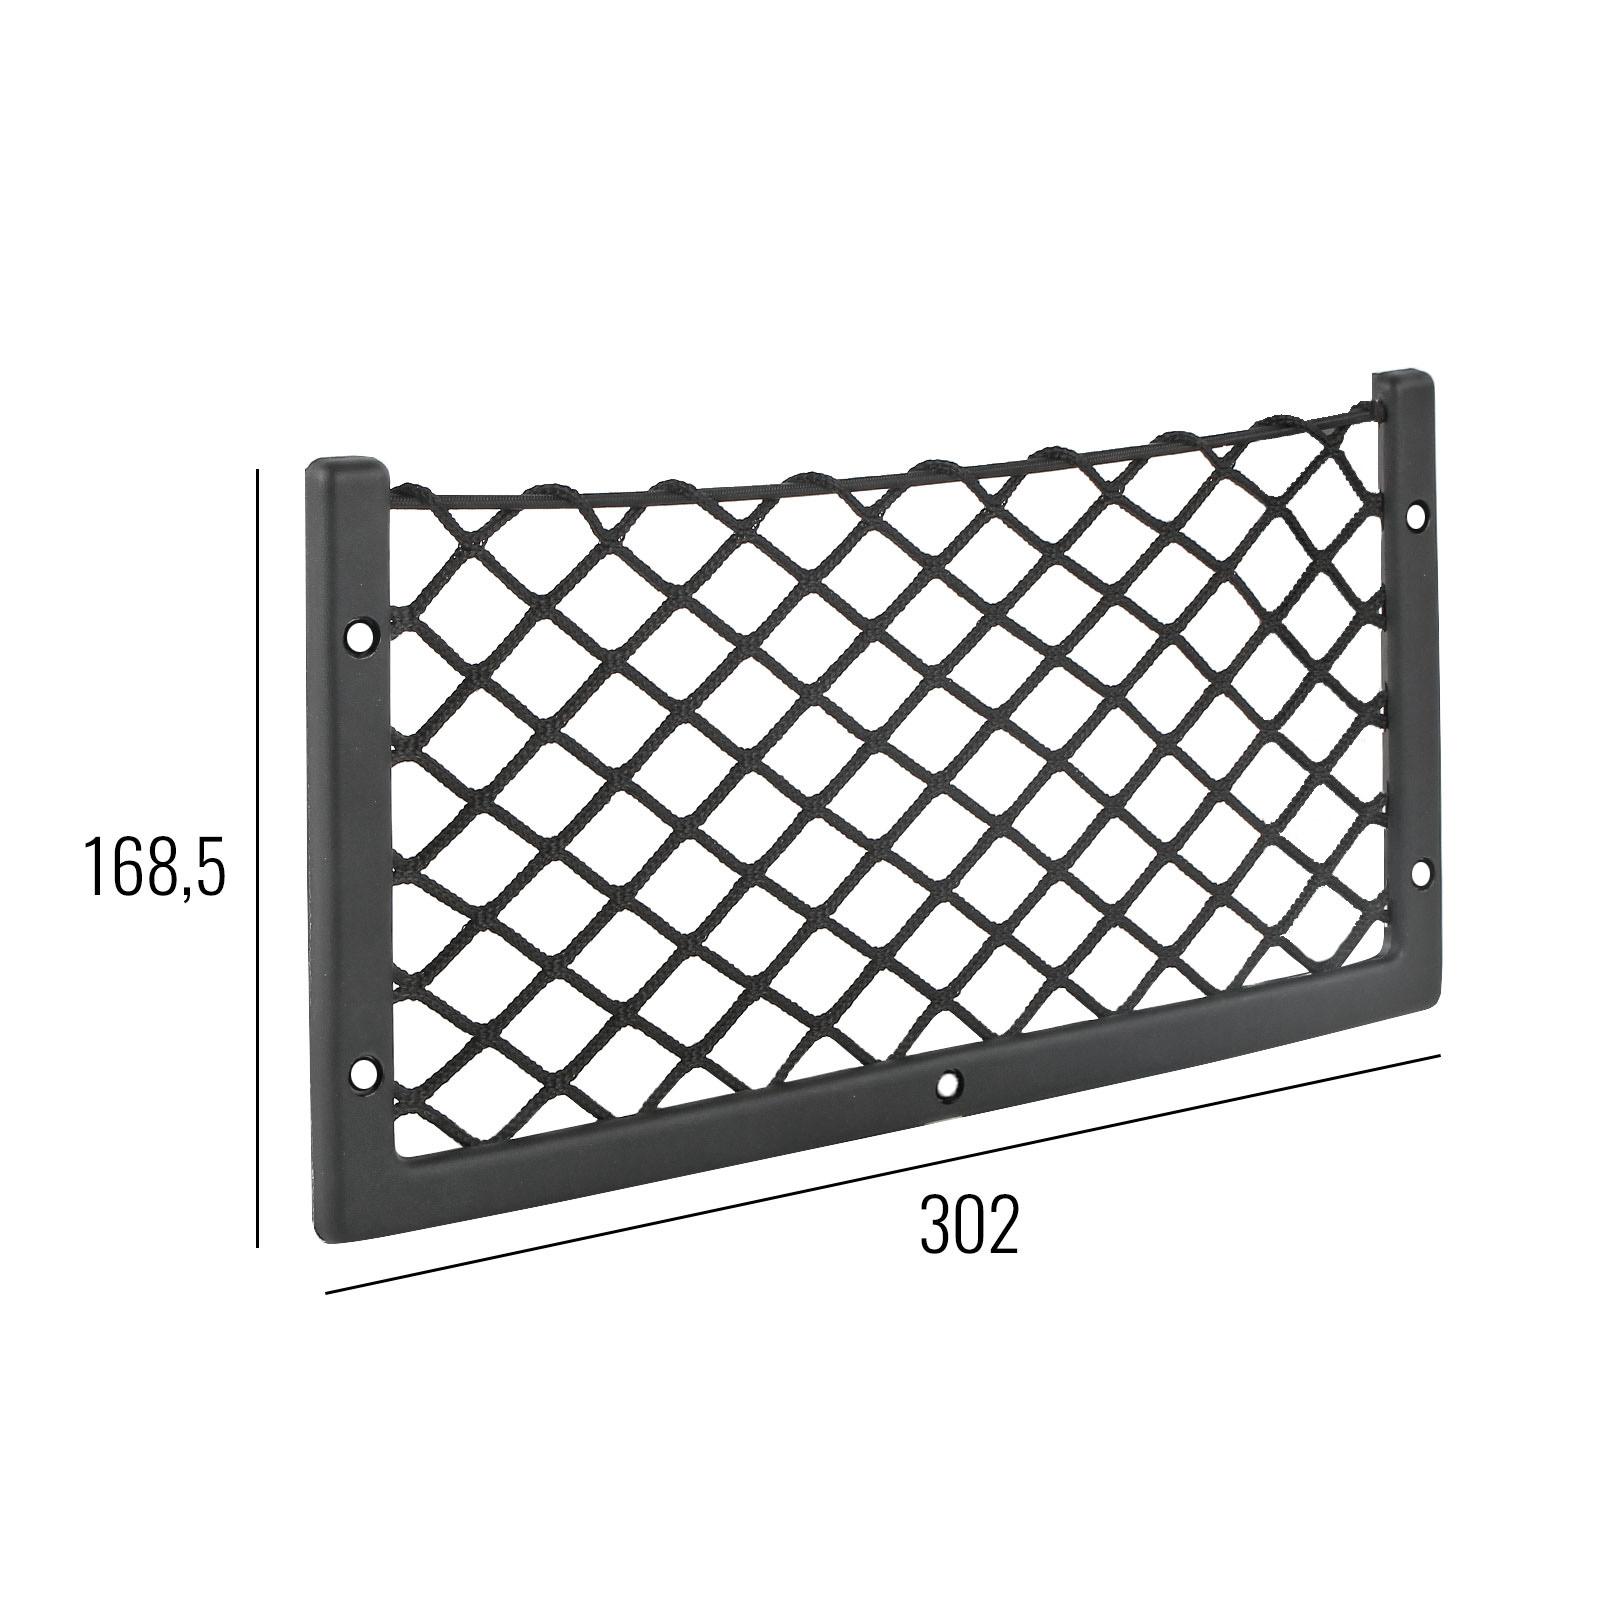 Netzablagefach S 302x169 mm, Nylonnetz mit Gummizug